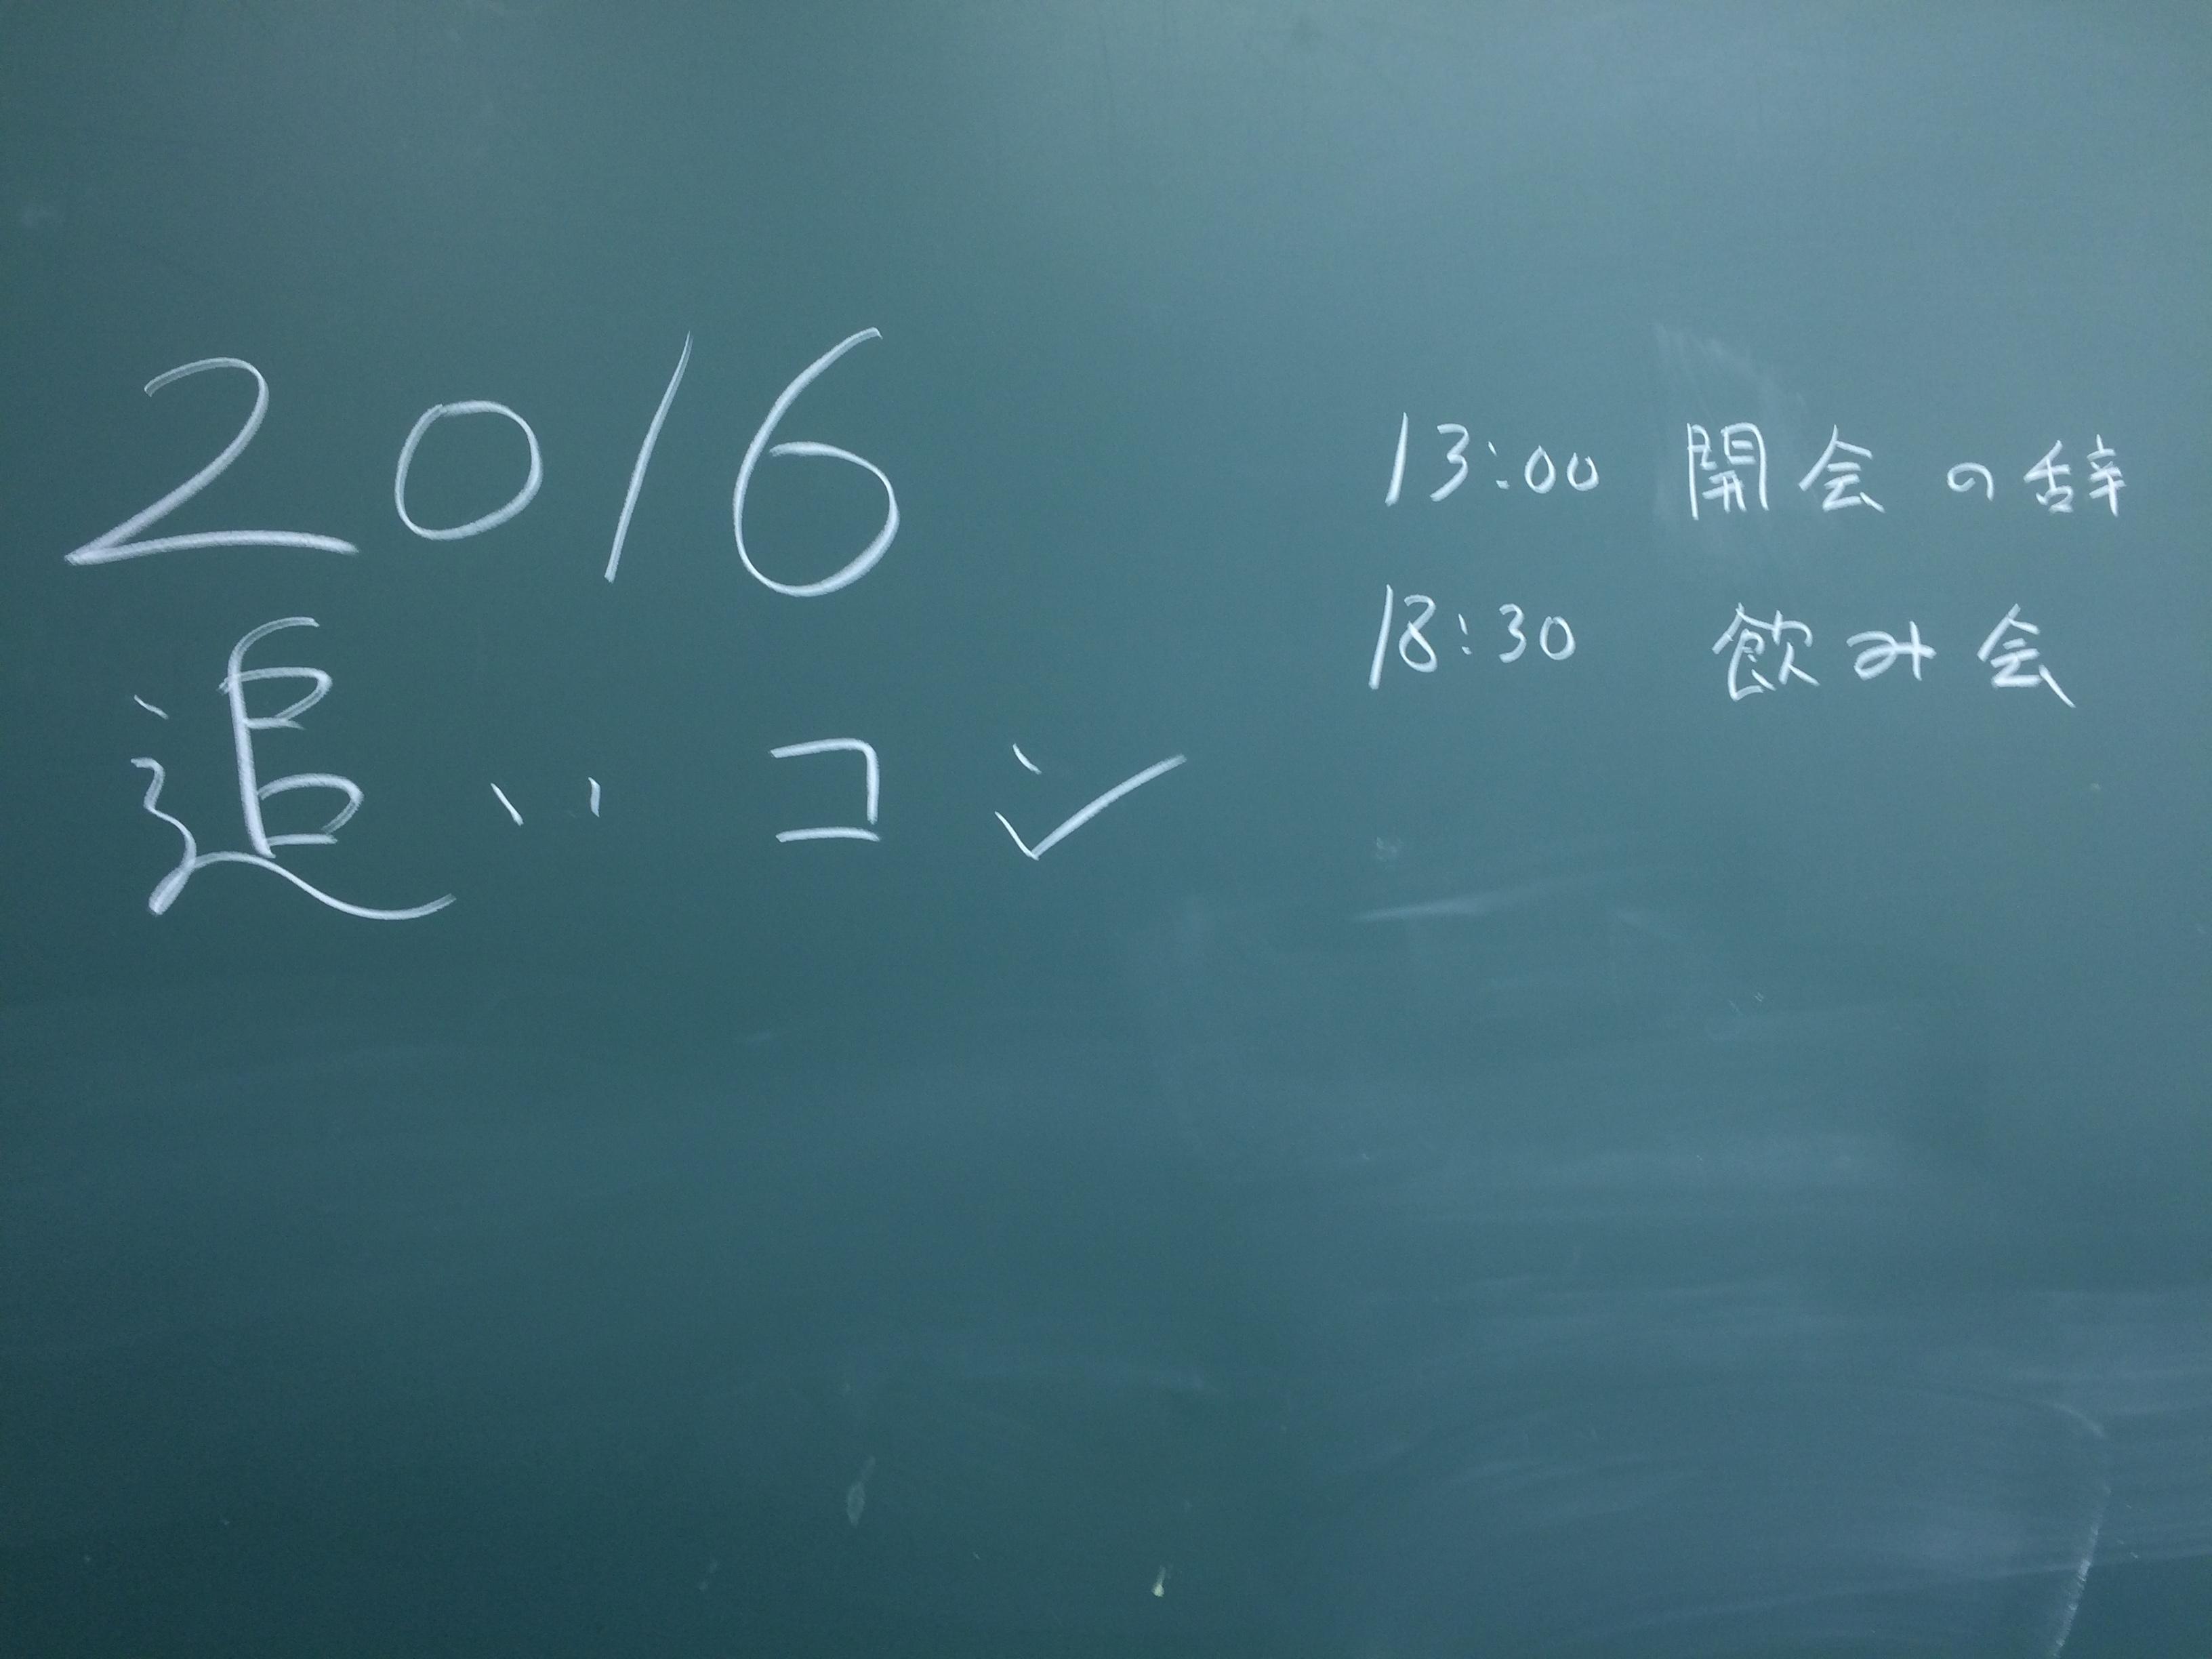 2_21 追いコン1